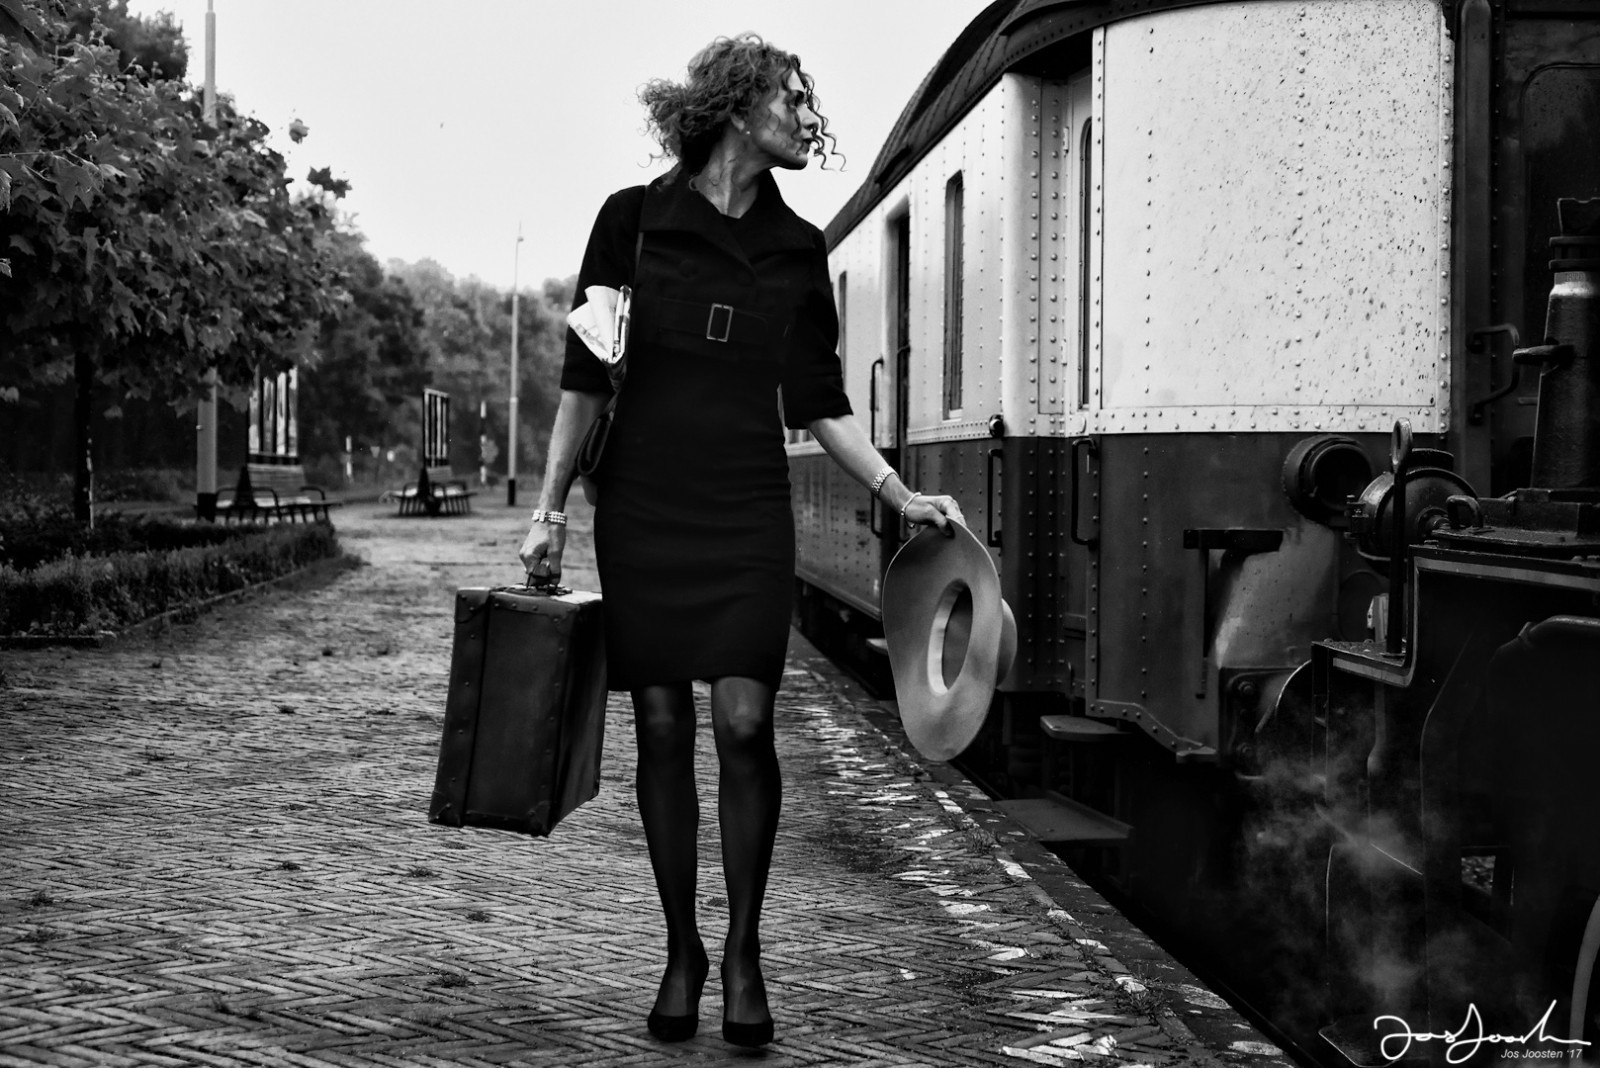 En savoir plus sur les compositions en photographie dame avec train de Jos Joosten